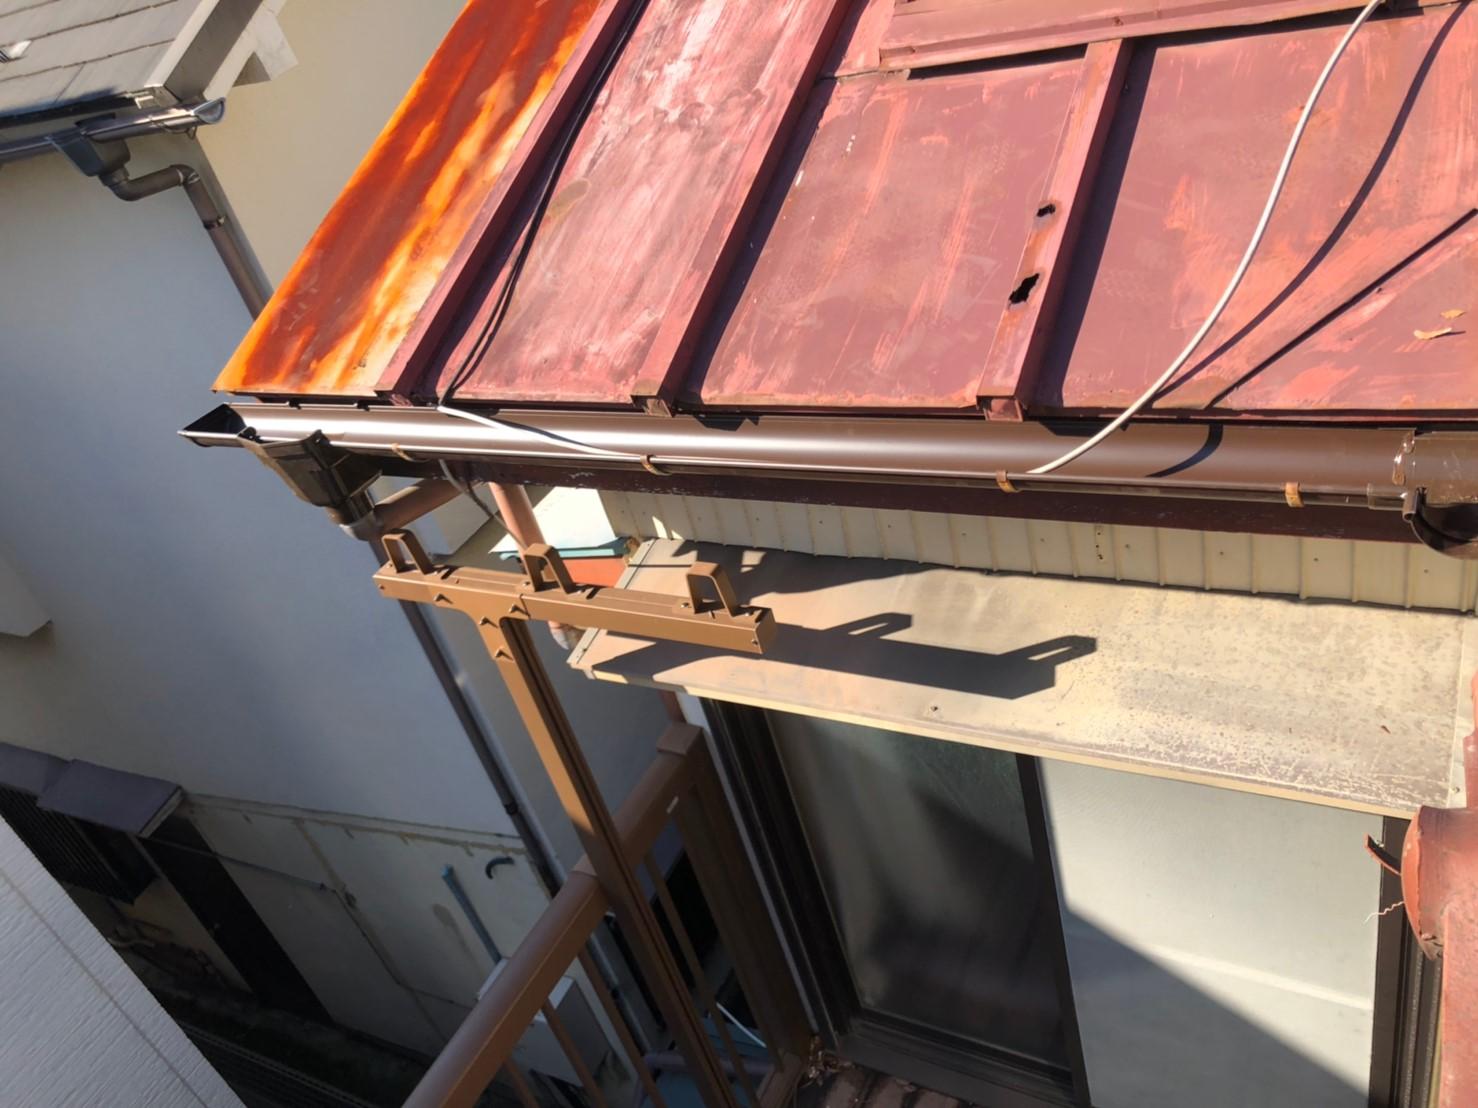 【施工完了報告!】雨どいの修理はハートホームにお任せください!東京都中野区にて施工完了!